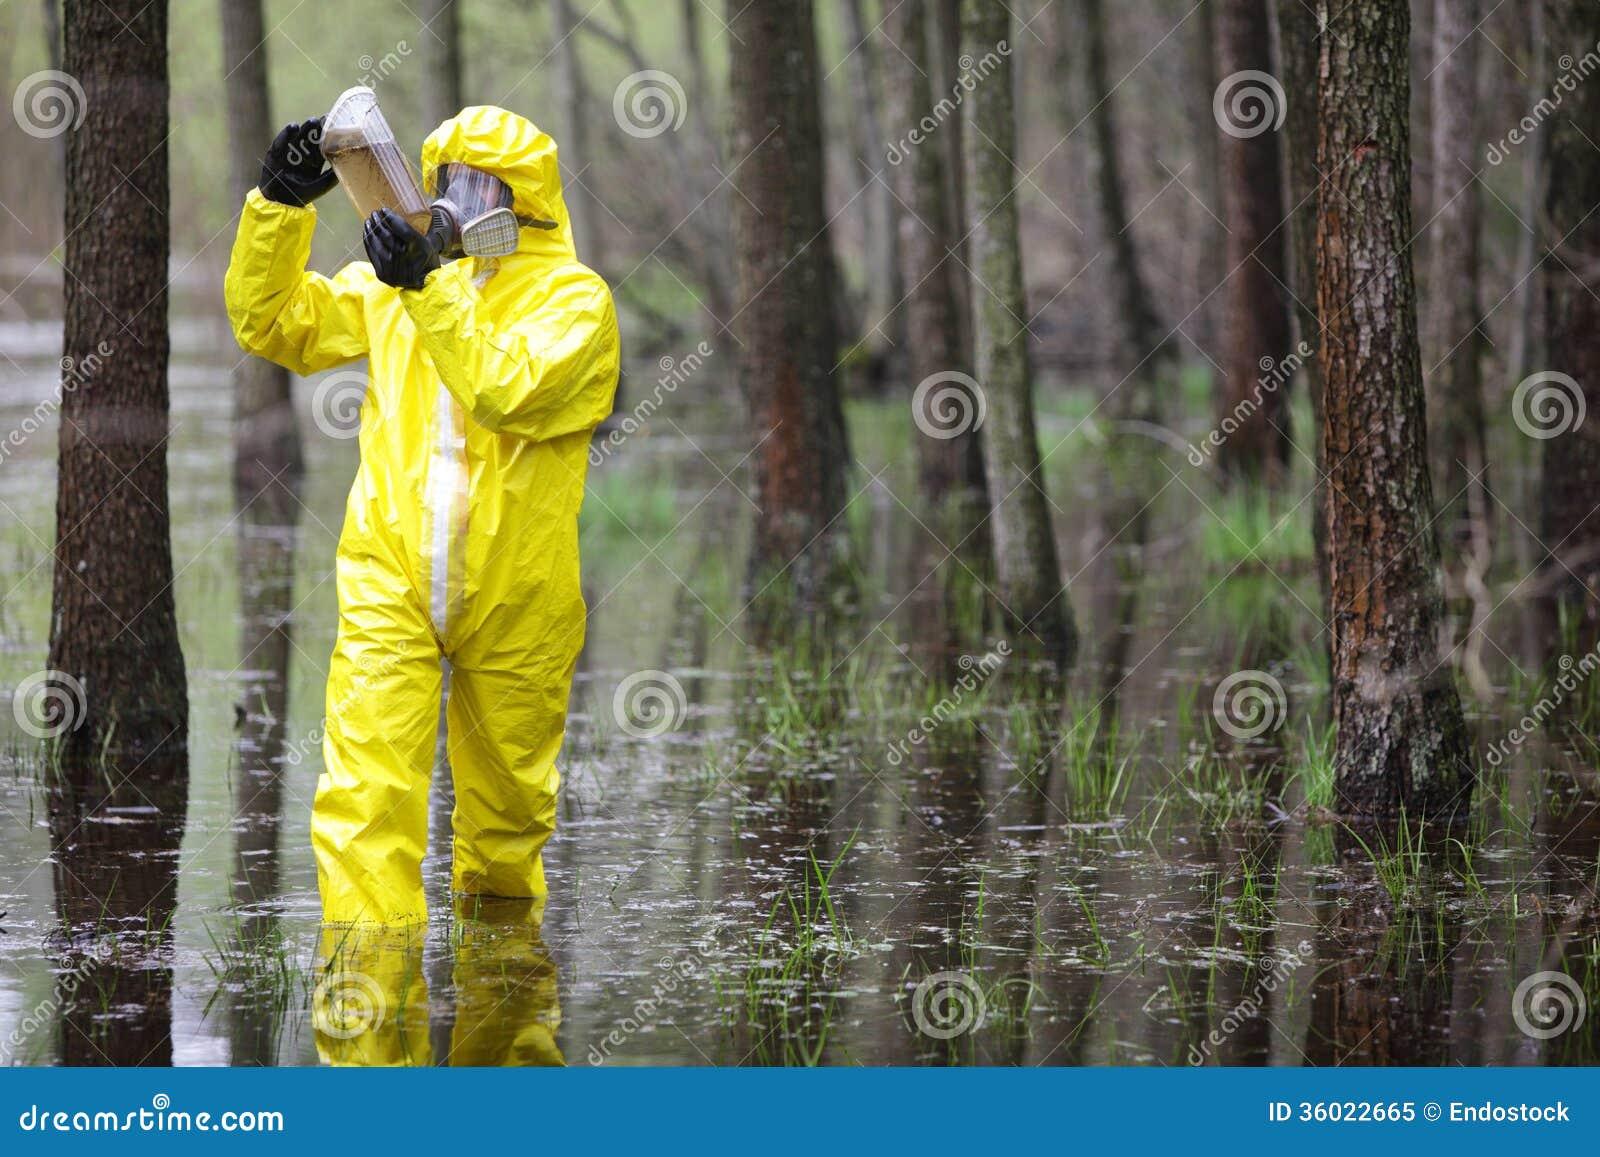 τεχνικός που εξετάζει το δείγμα του νερού στην περιοχή πλημμυρών